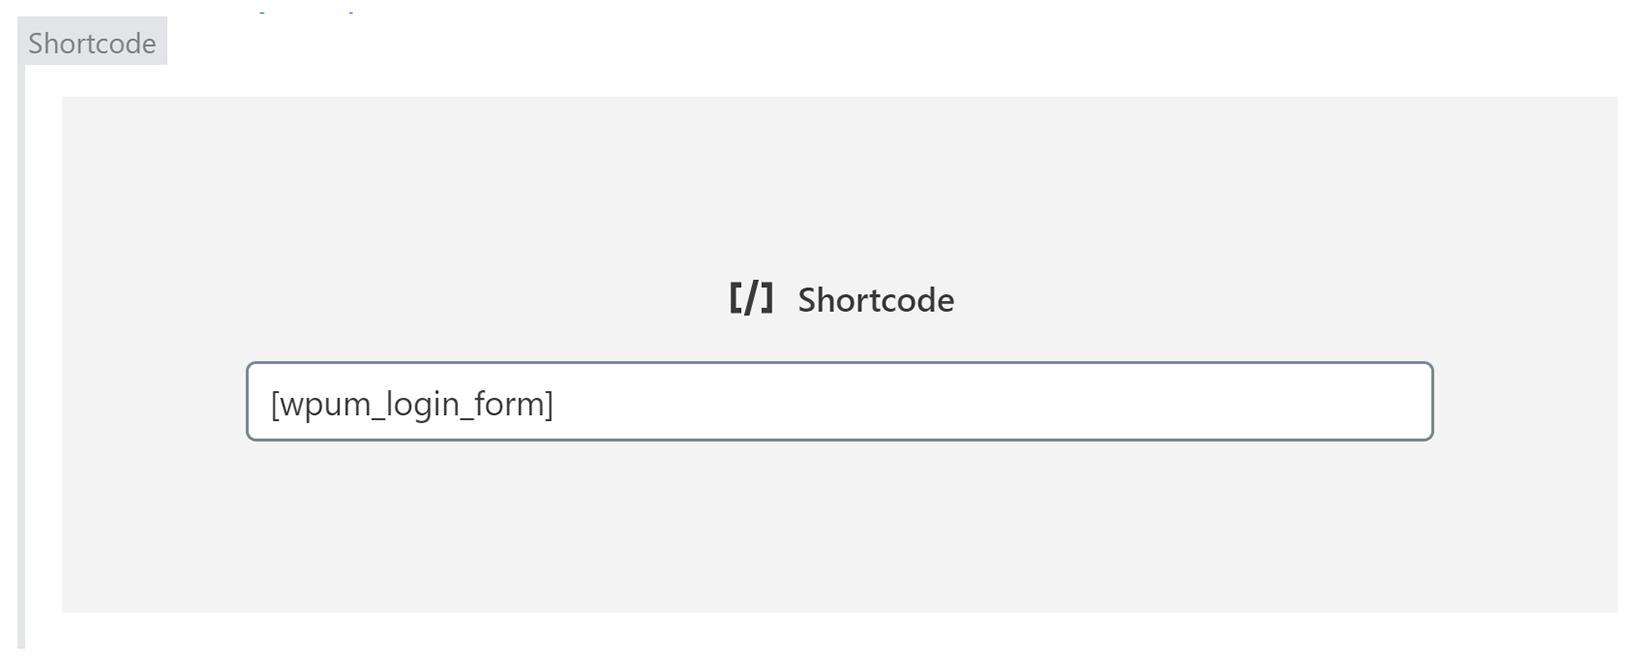 Login Form Shortcode